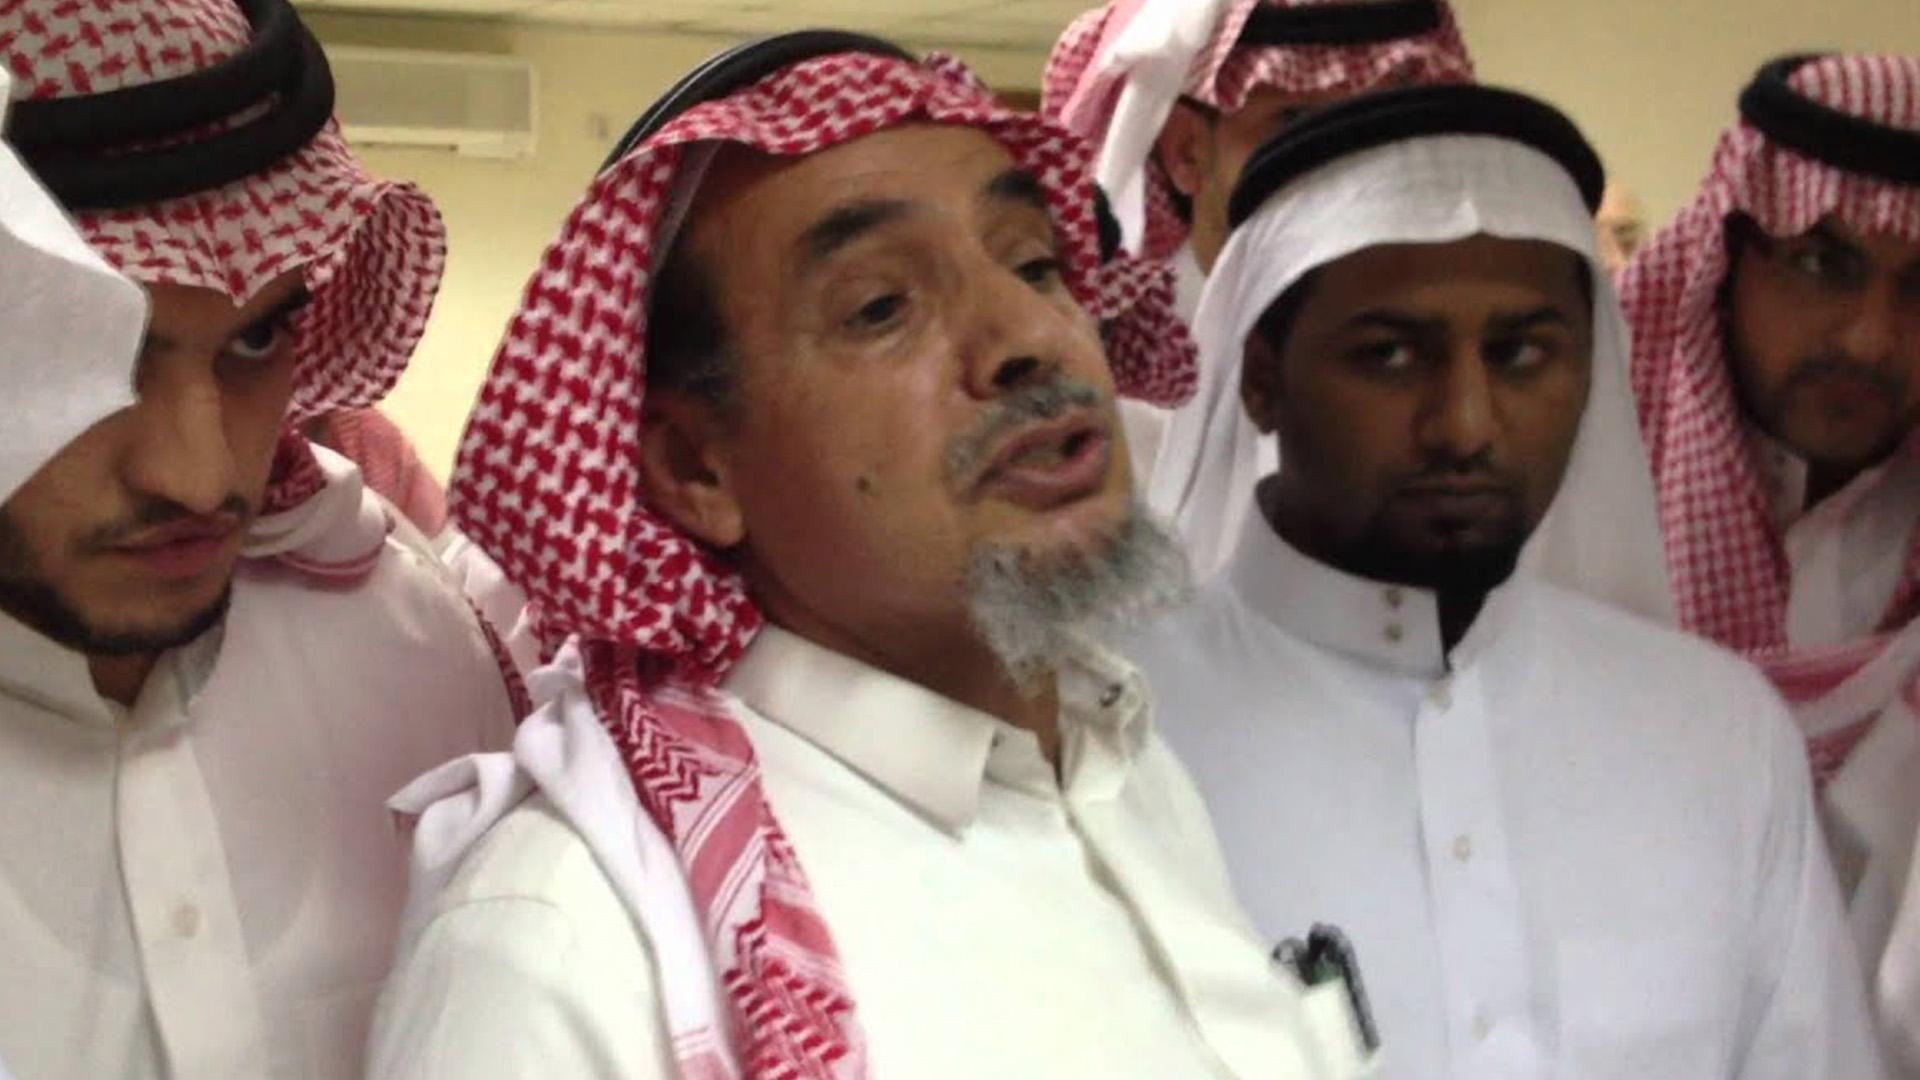 السعودية-..-إضراب-معتقلي-الرأي